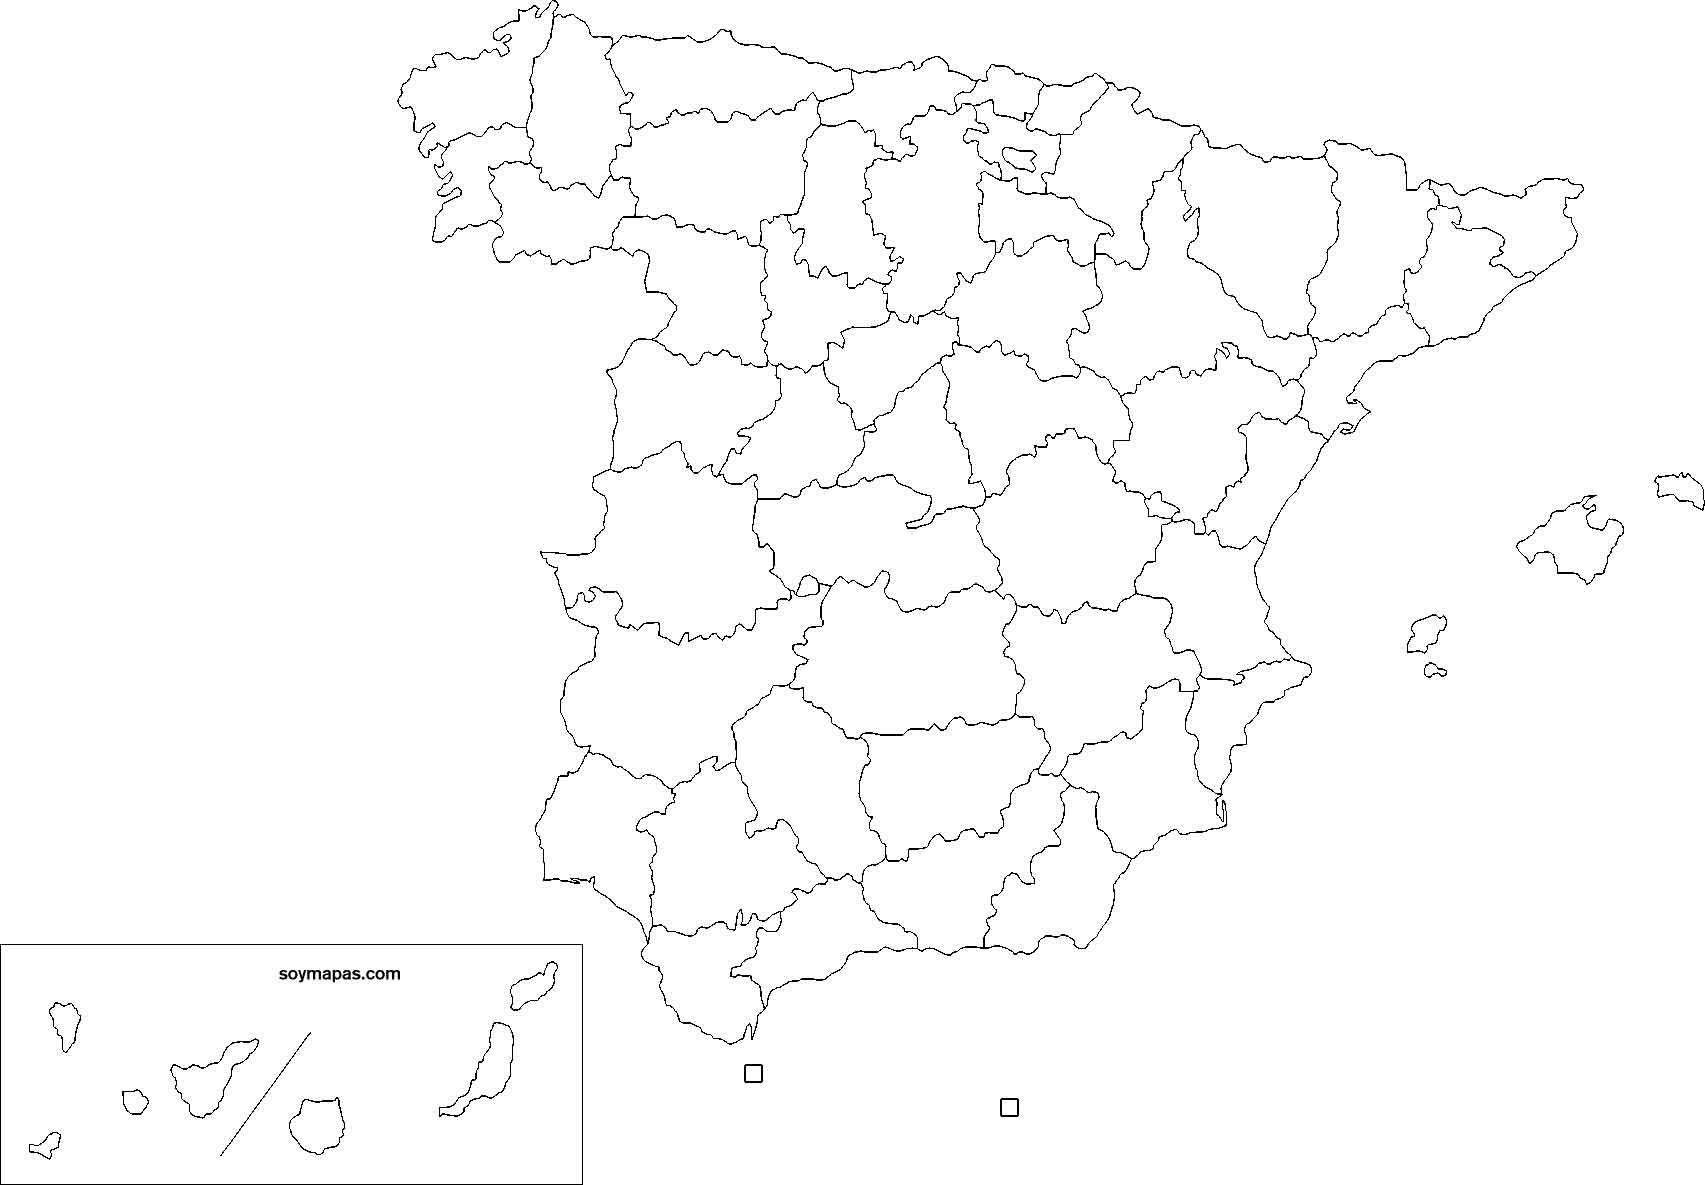 Mapas De Provincias De Espana Para Imprimir